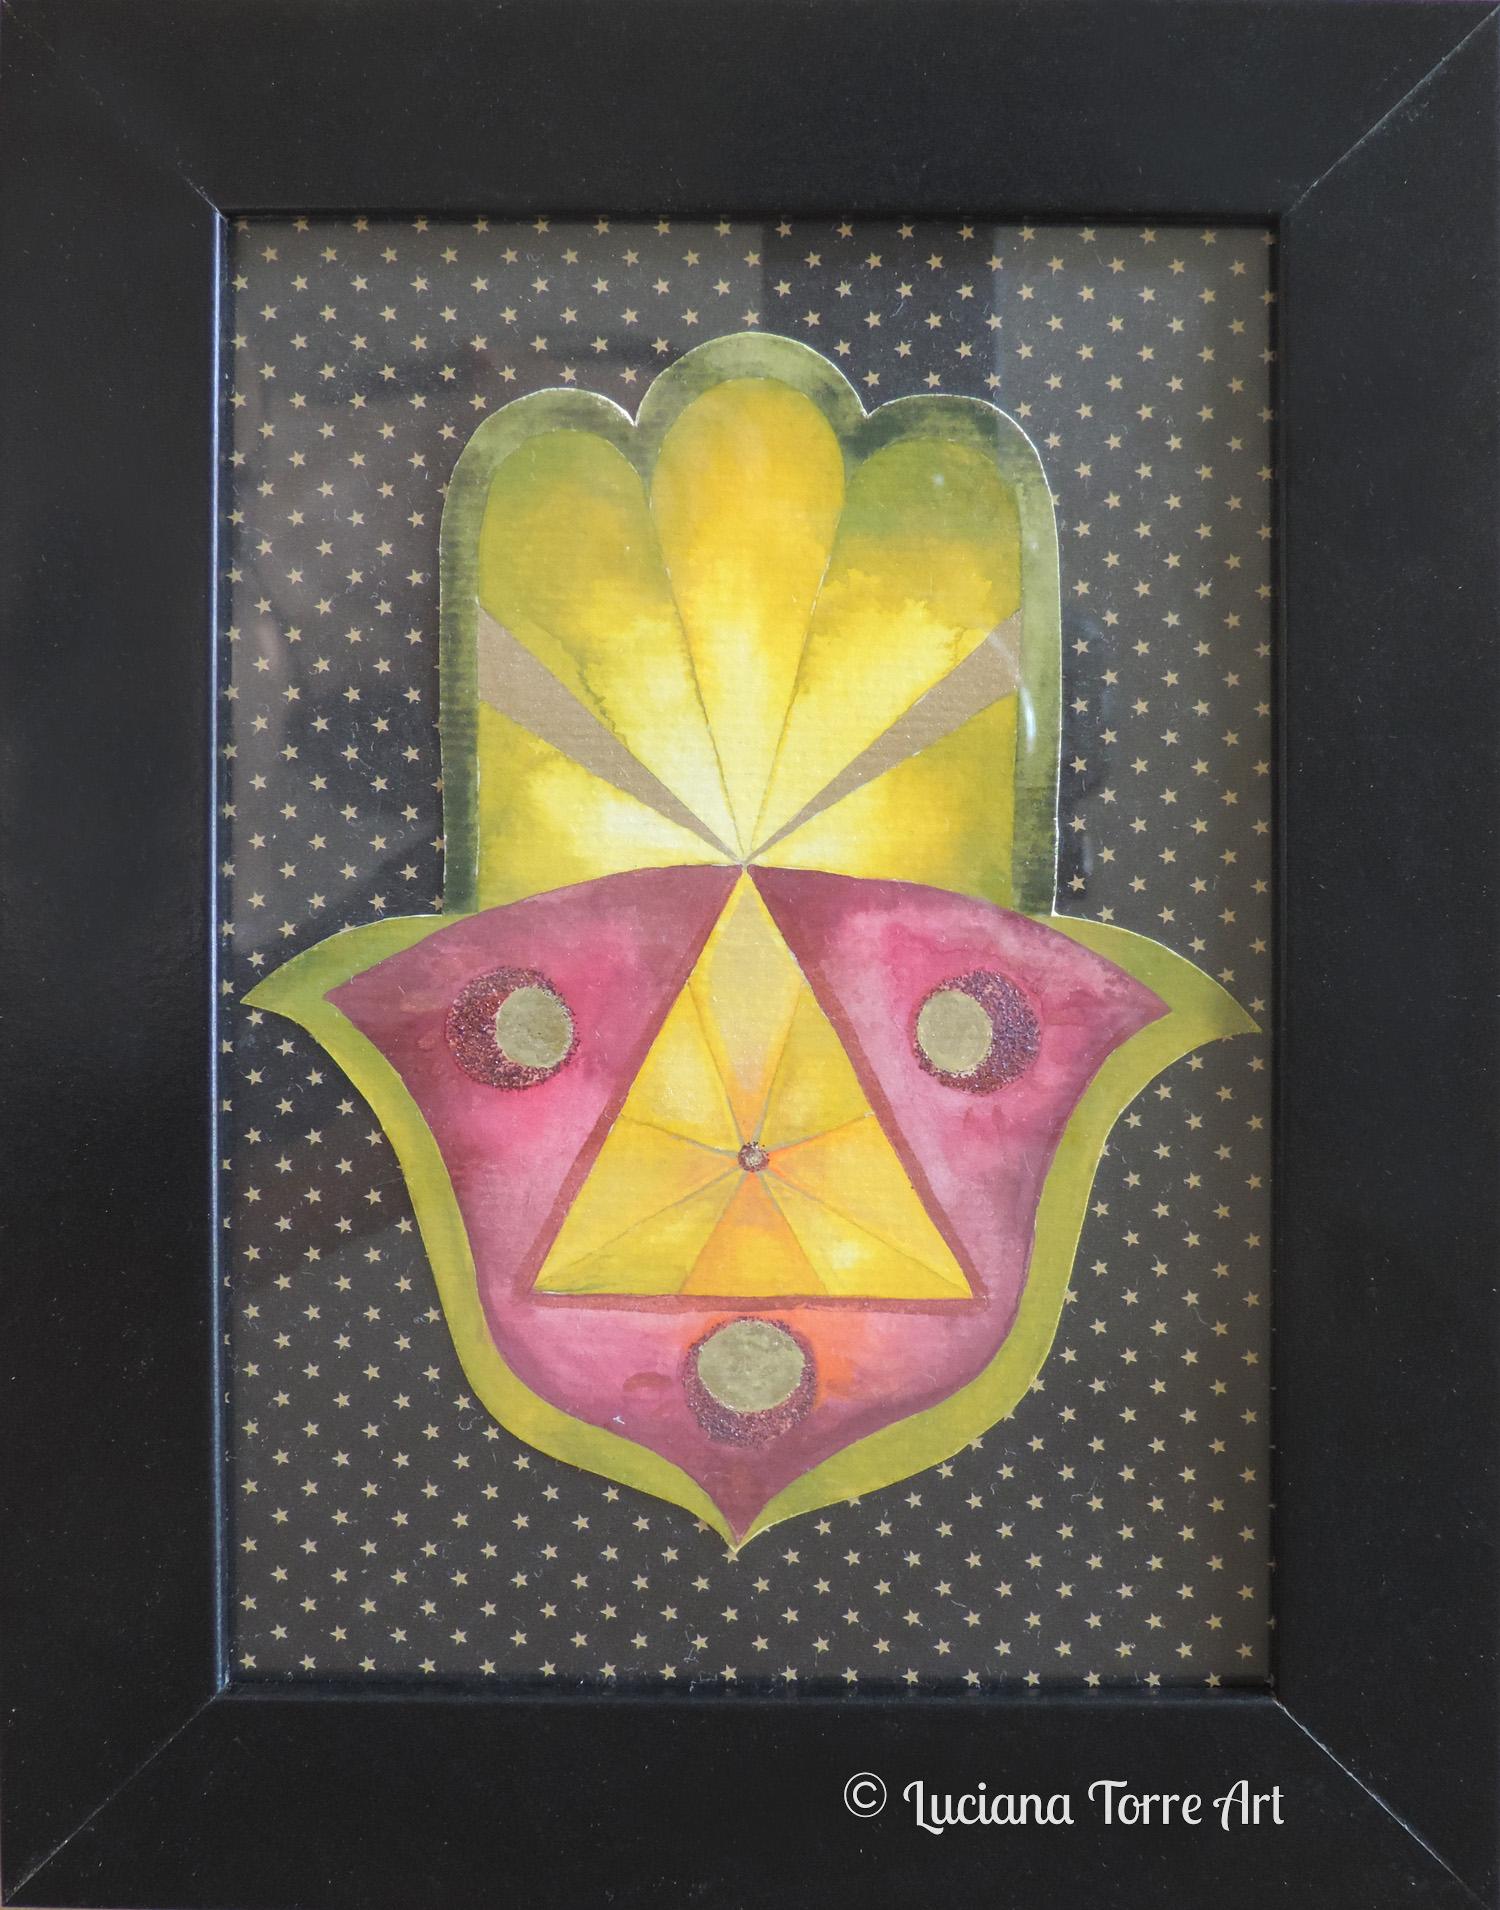 Mano di Fatima con luna e oracolo ✤ Opera unica dipinta a mano con acquerelli artigianali e pigmenti metallizzati, su sfondo di carta glitterata. Cornice con possibilità di essere appoggiata oppure appesa e plastica protettiva. Misure: 17 x 22 cm. ✤ 16 € ✤ #lucianatorre #illustratorsforhire #artlicensing #artforproducts #hamsahand #manodefatima #bohodecor #oracleart #artandcraftdecor #sacredgeometryart